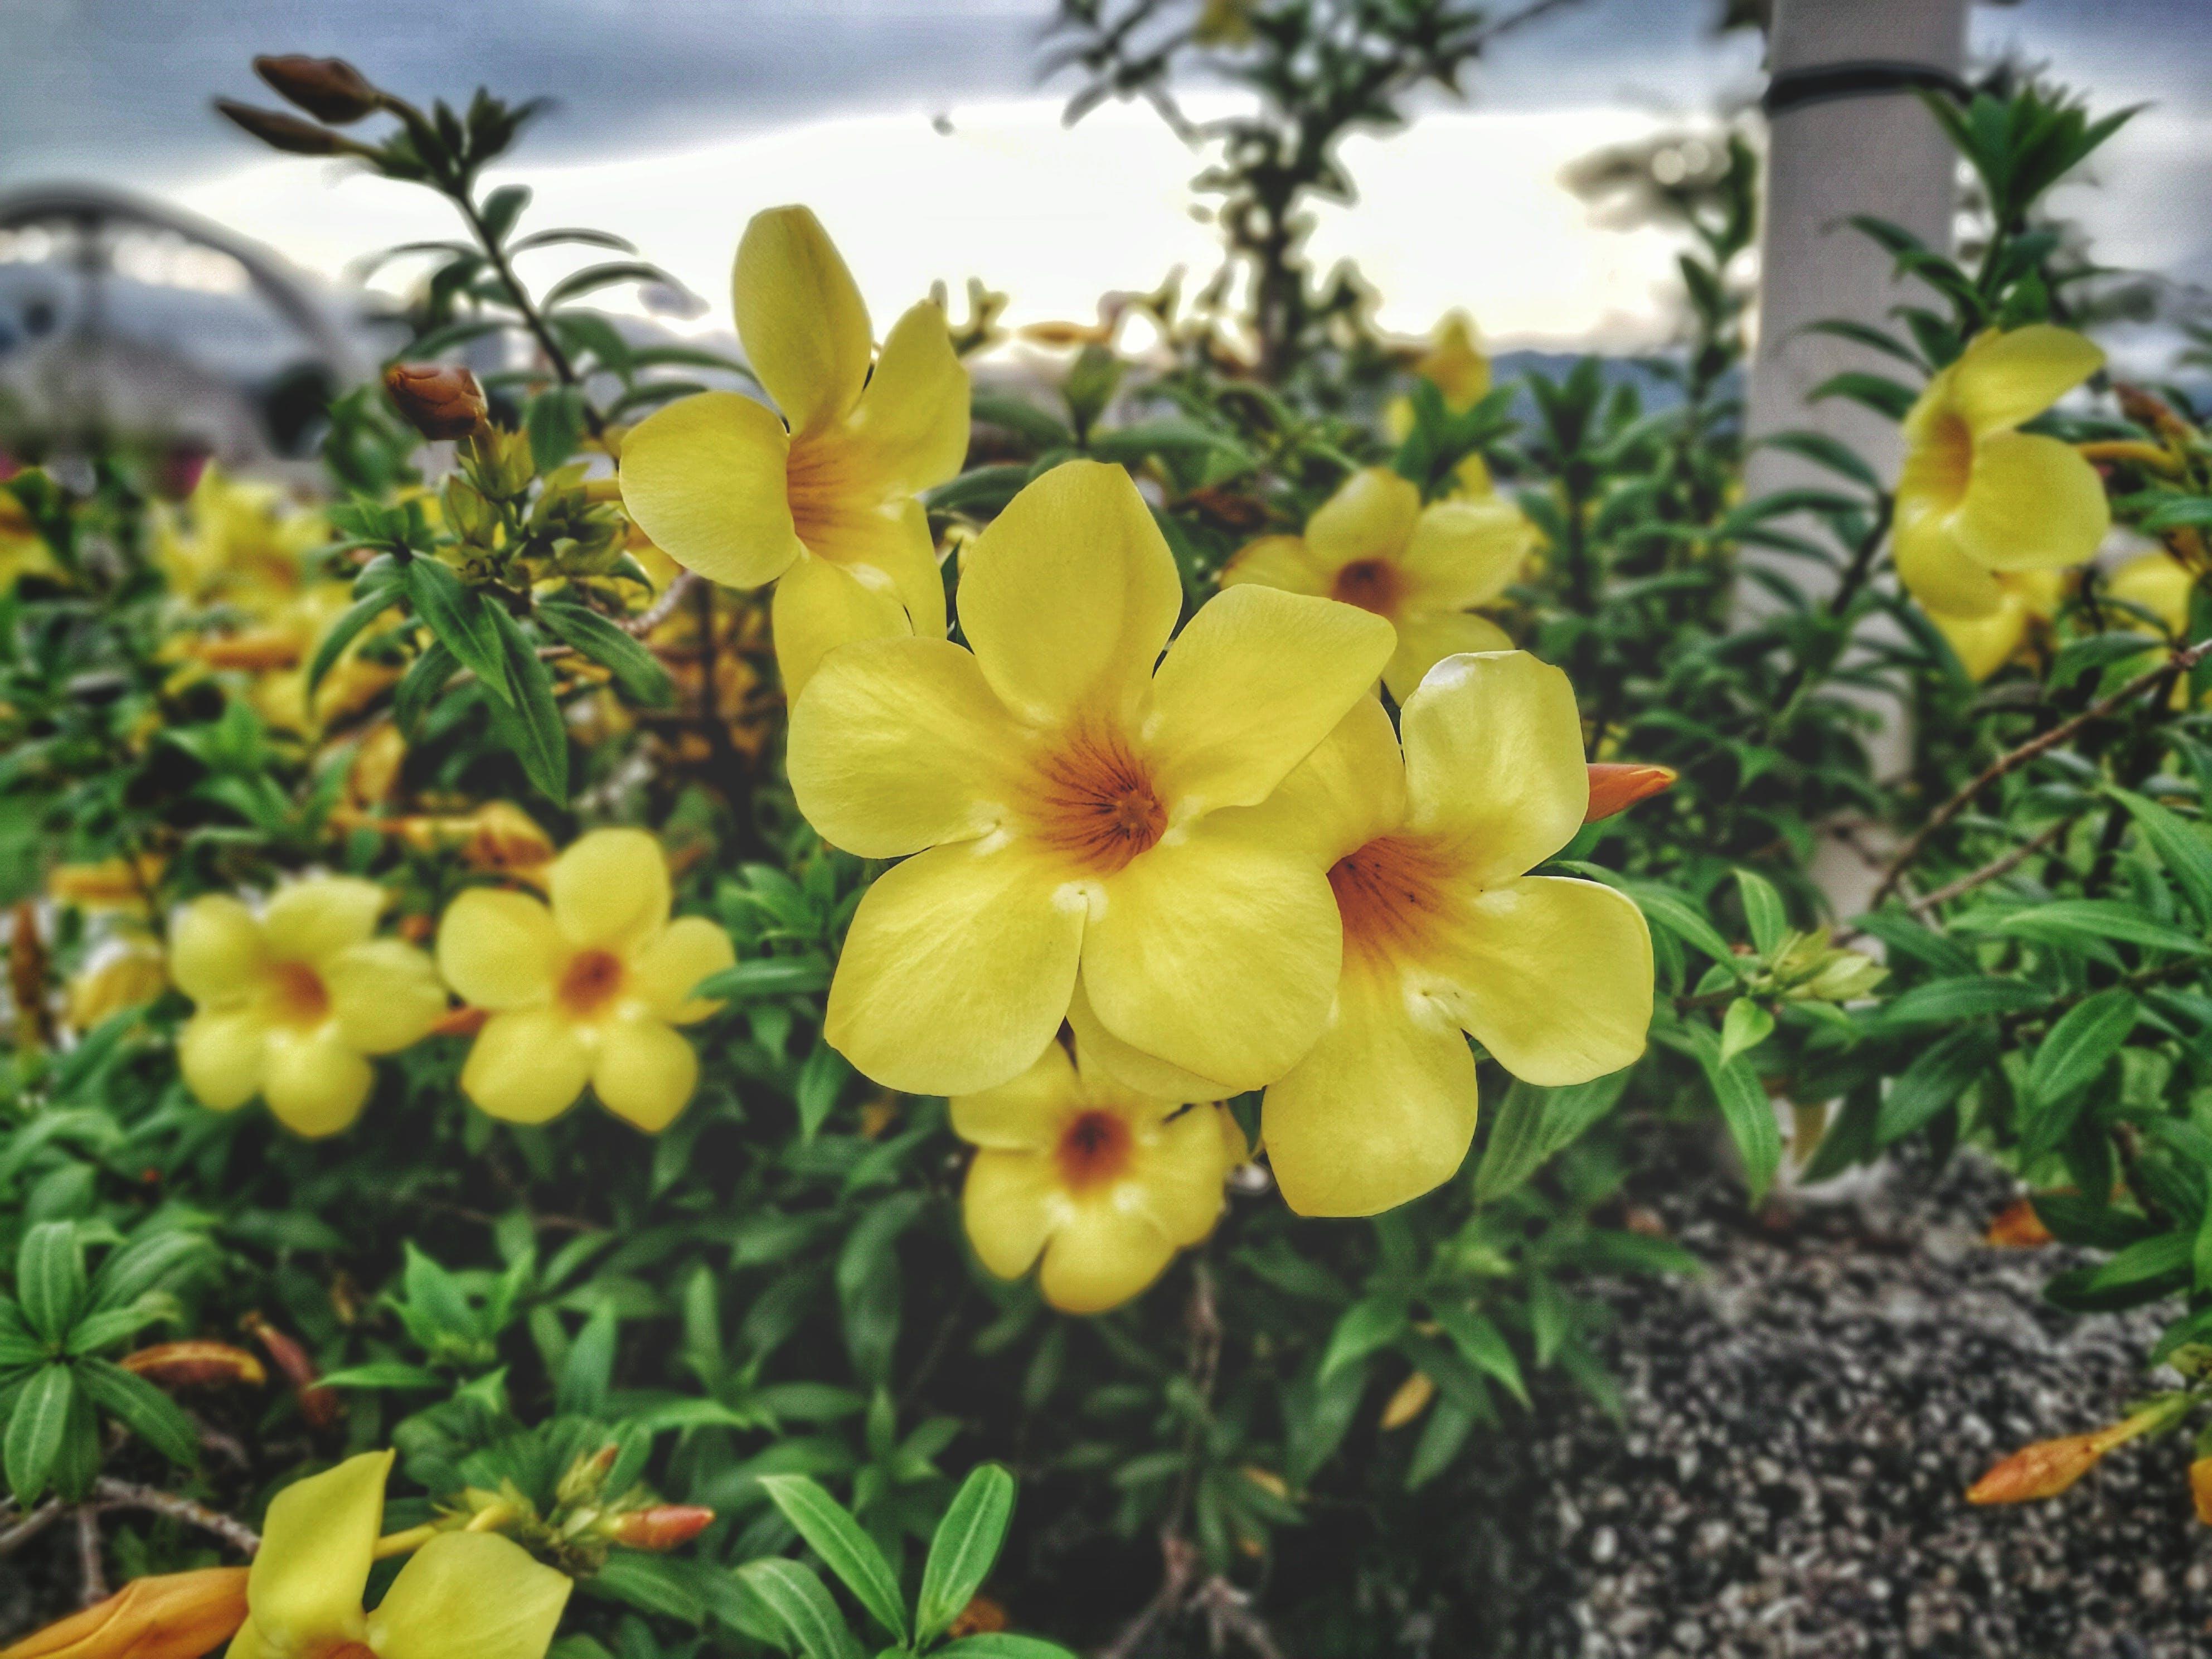 Free stock photo of garden, yellow, yellow flower, beautiful flowers